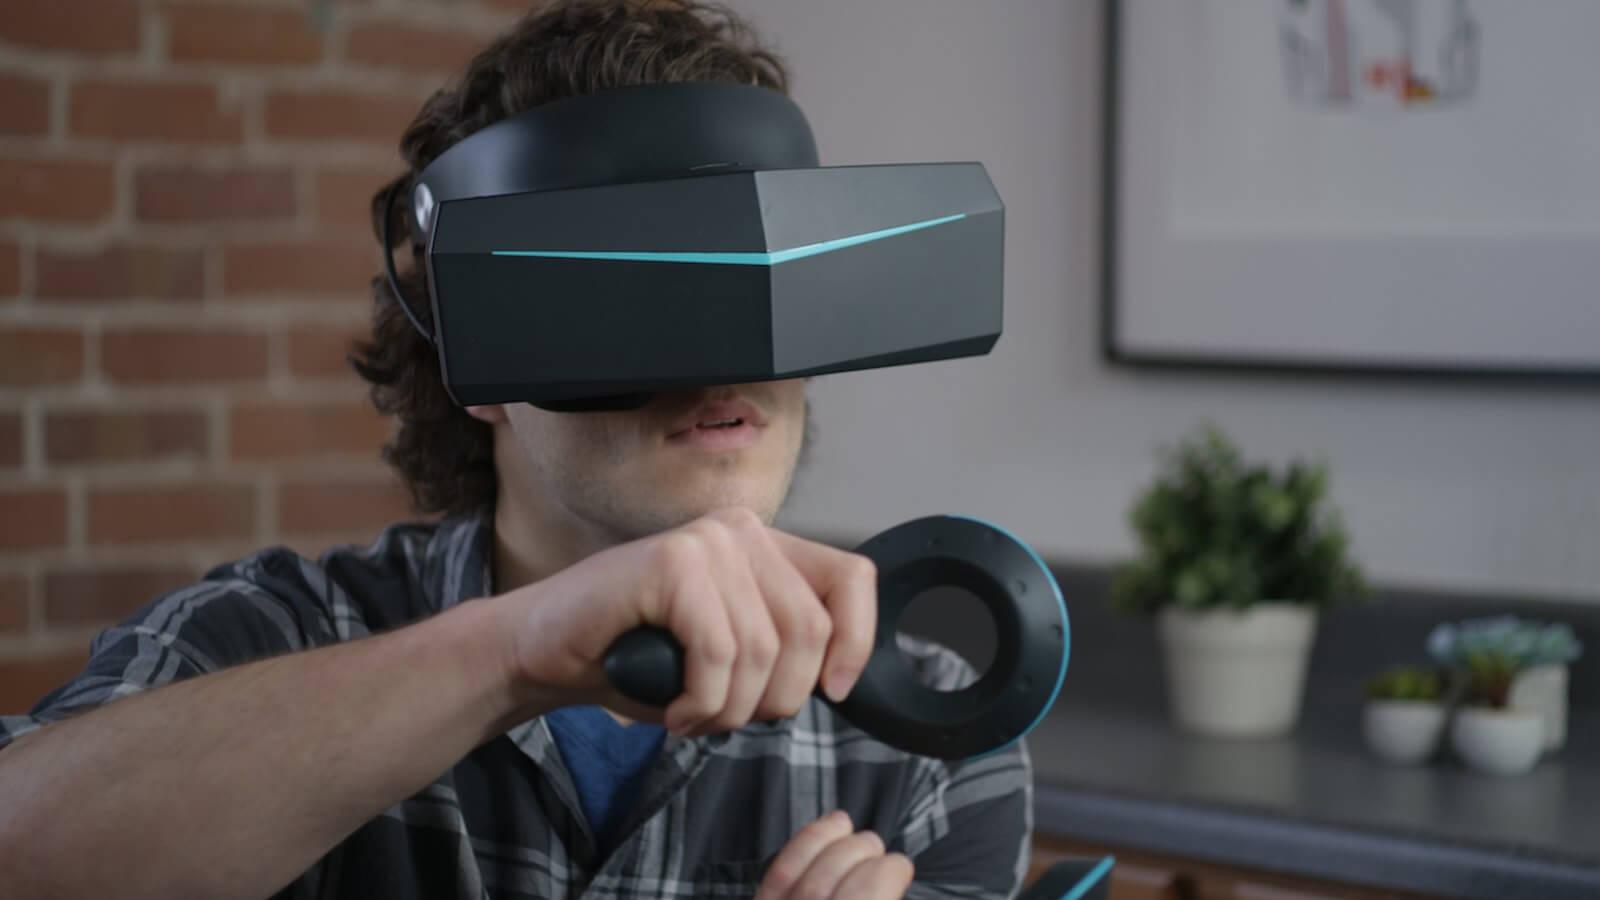 Pimax 8K, le casque VR qui simule les odeurs bientôt disponible sur le marché